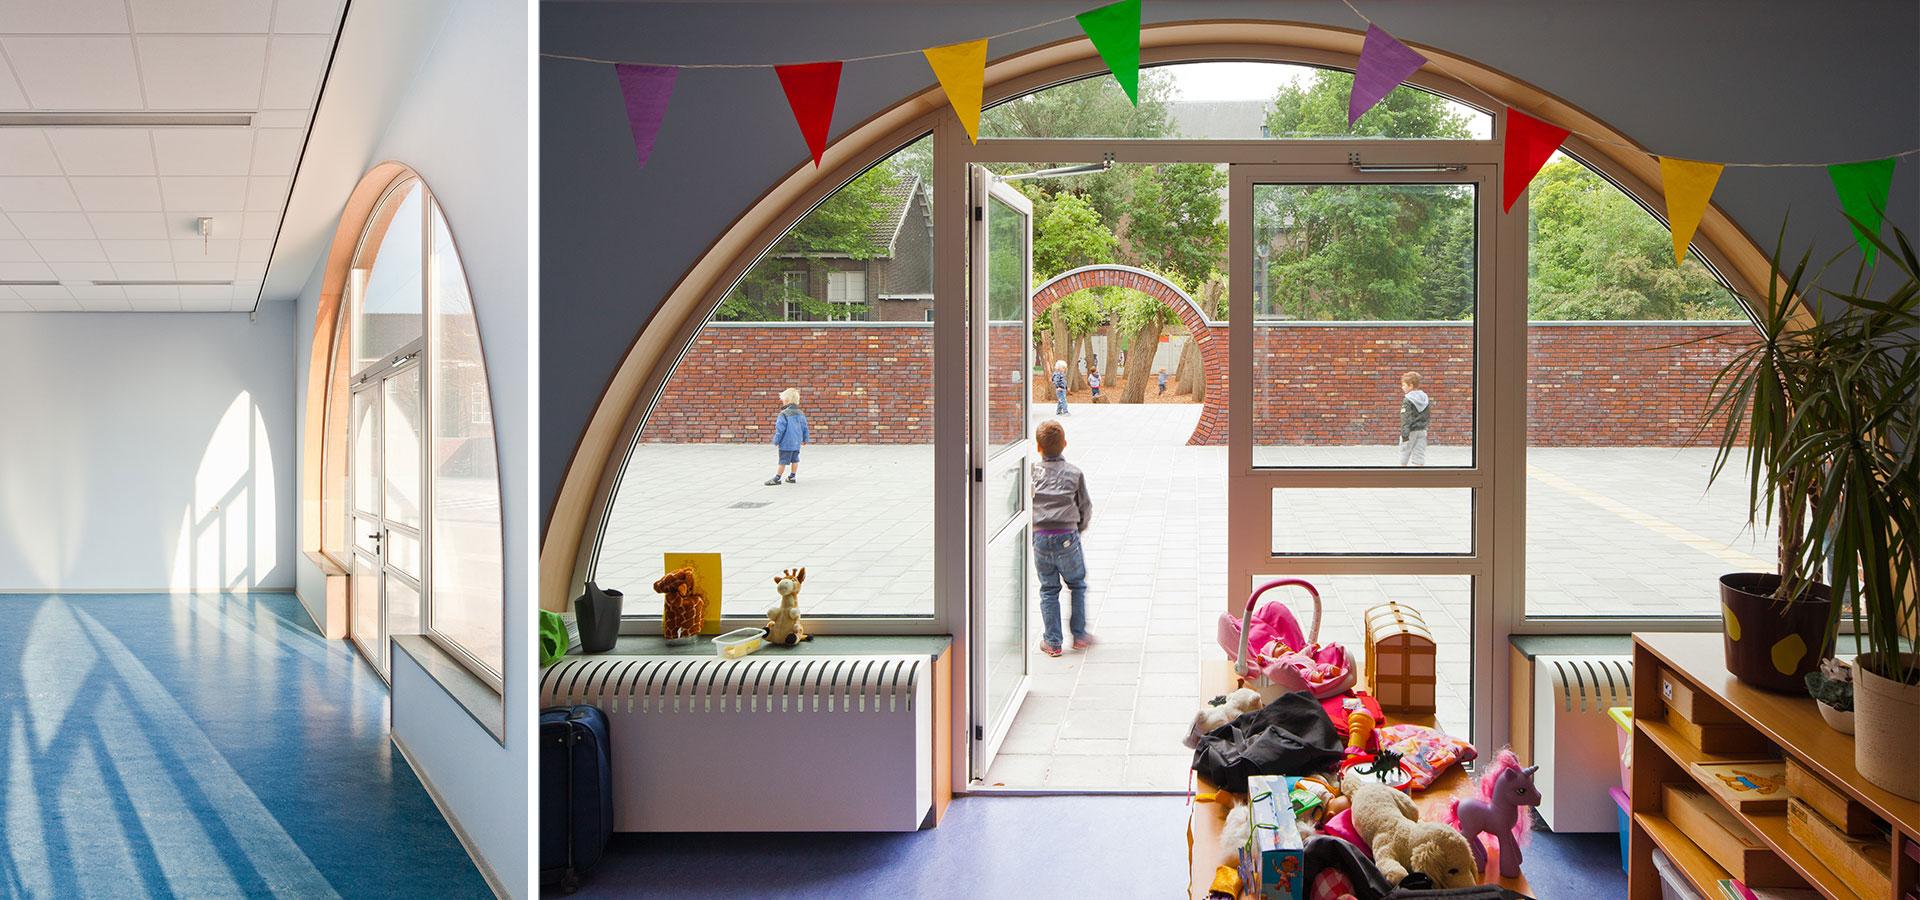 FARO-architecten-Bonifaciusschool-Alphen-aan-den-Rijn-15